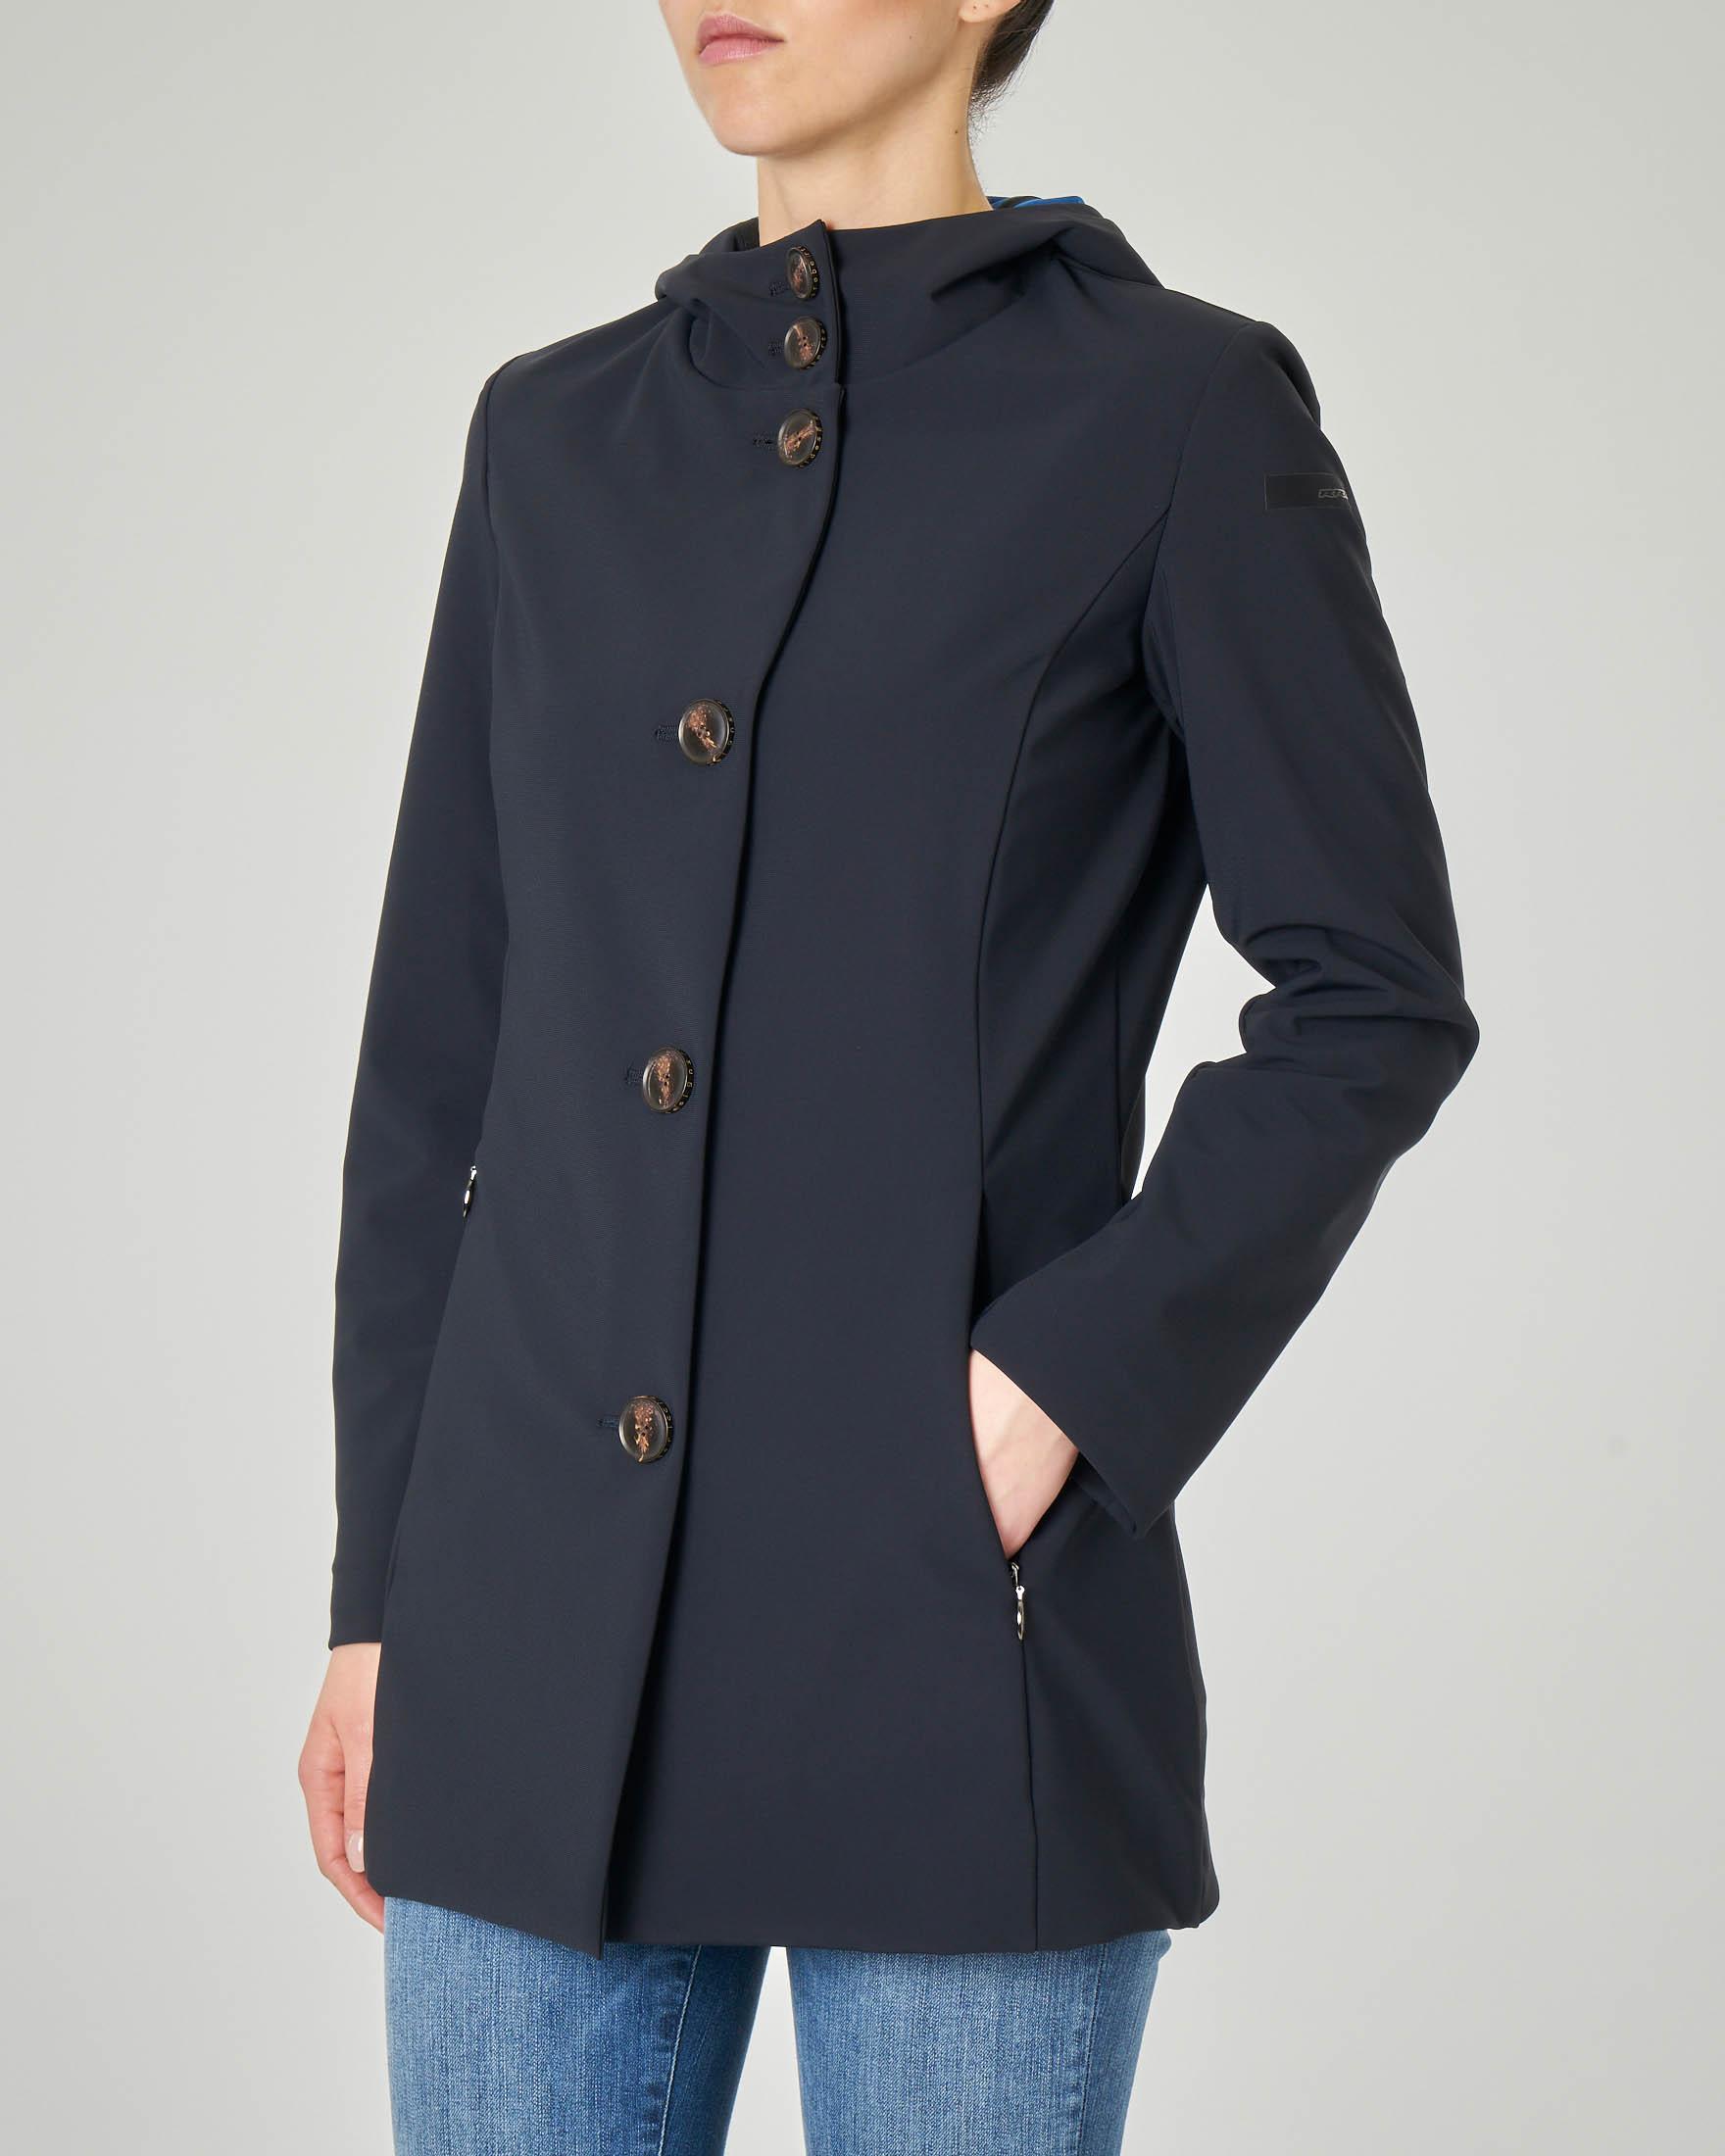 Cappotto sfiancato blu tessuto tecnico con cappuccio